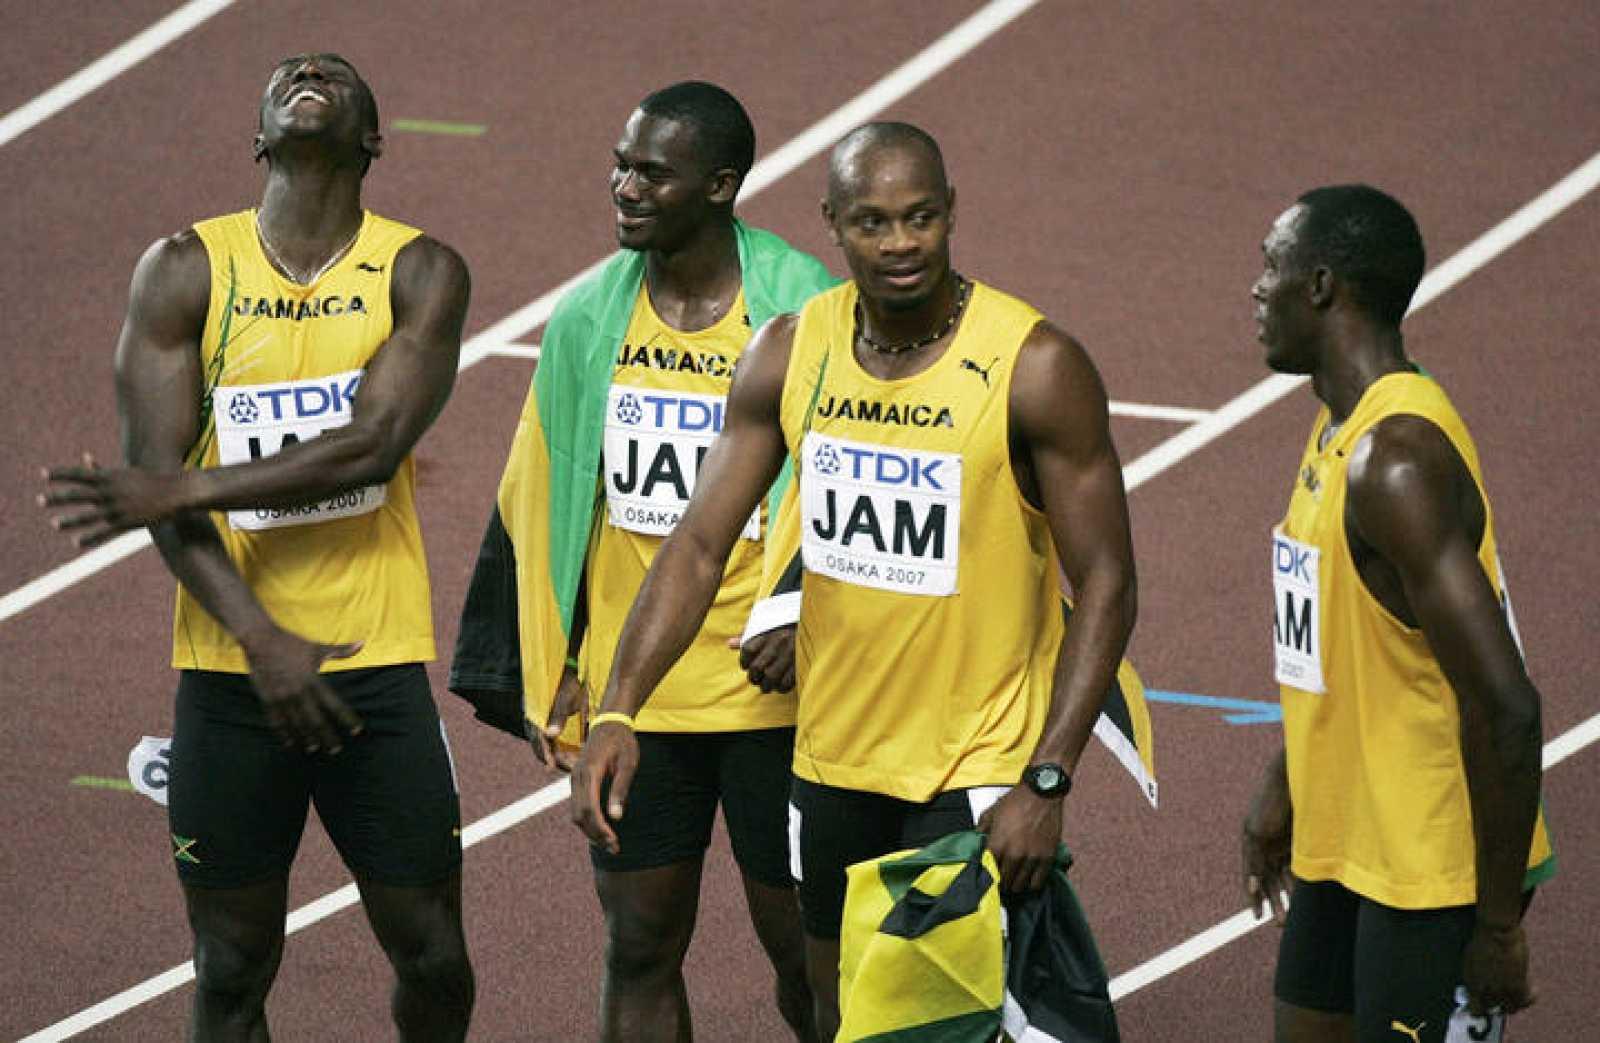 Los velocistas jamaicanos Marlon Devonish, Nesta Carter, Asafa Powell y Usain Bolt, tras una competición de 4x100.